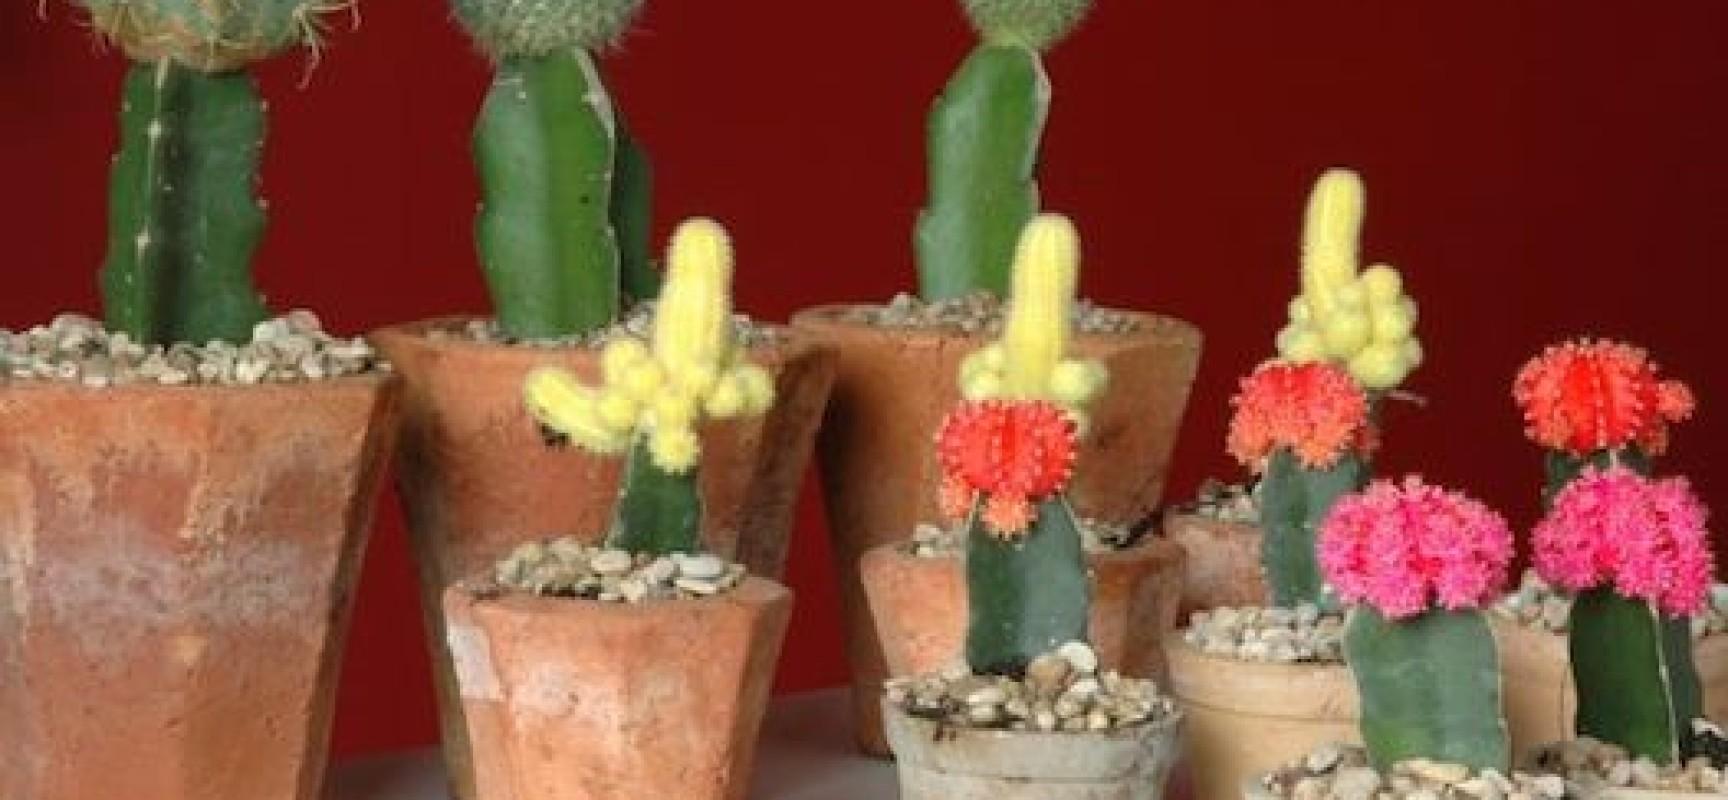 Amate le piante grasse ecco come fare in casa un innesto - Le piante grasse si possono tenere in casa ...